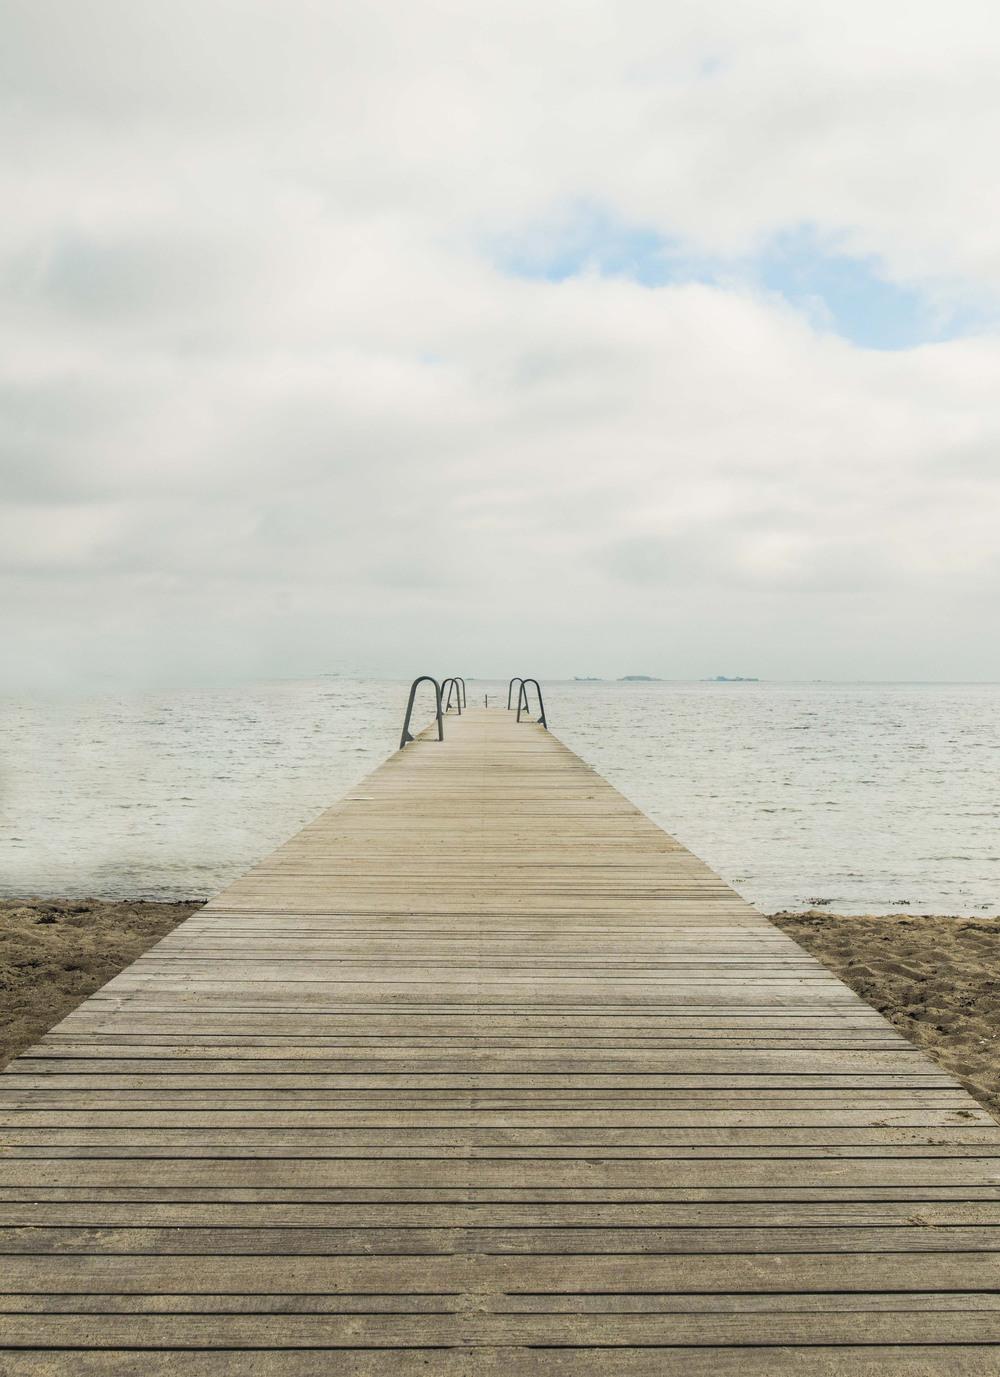 Amagar Strandpark